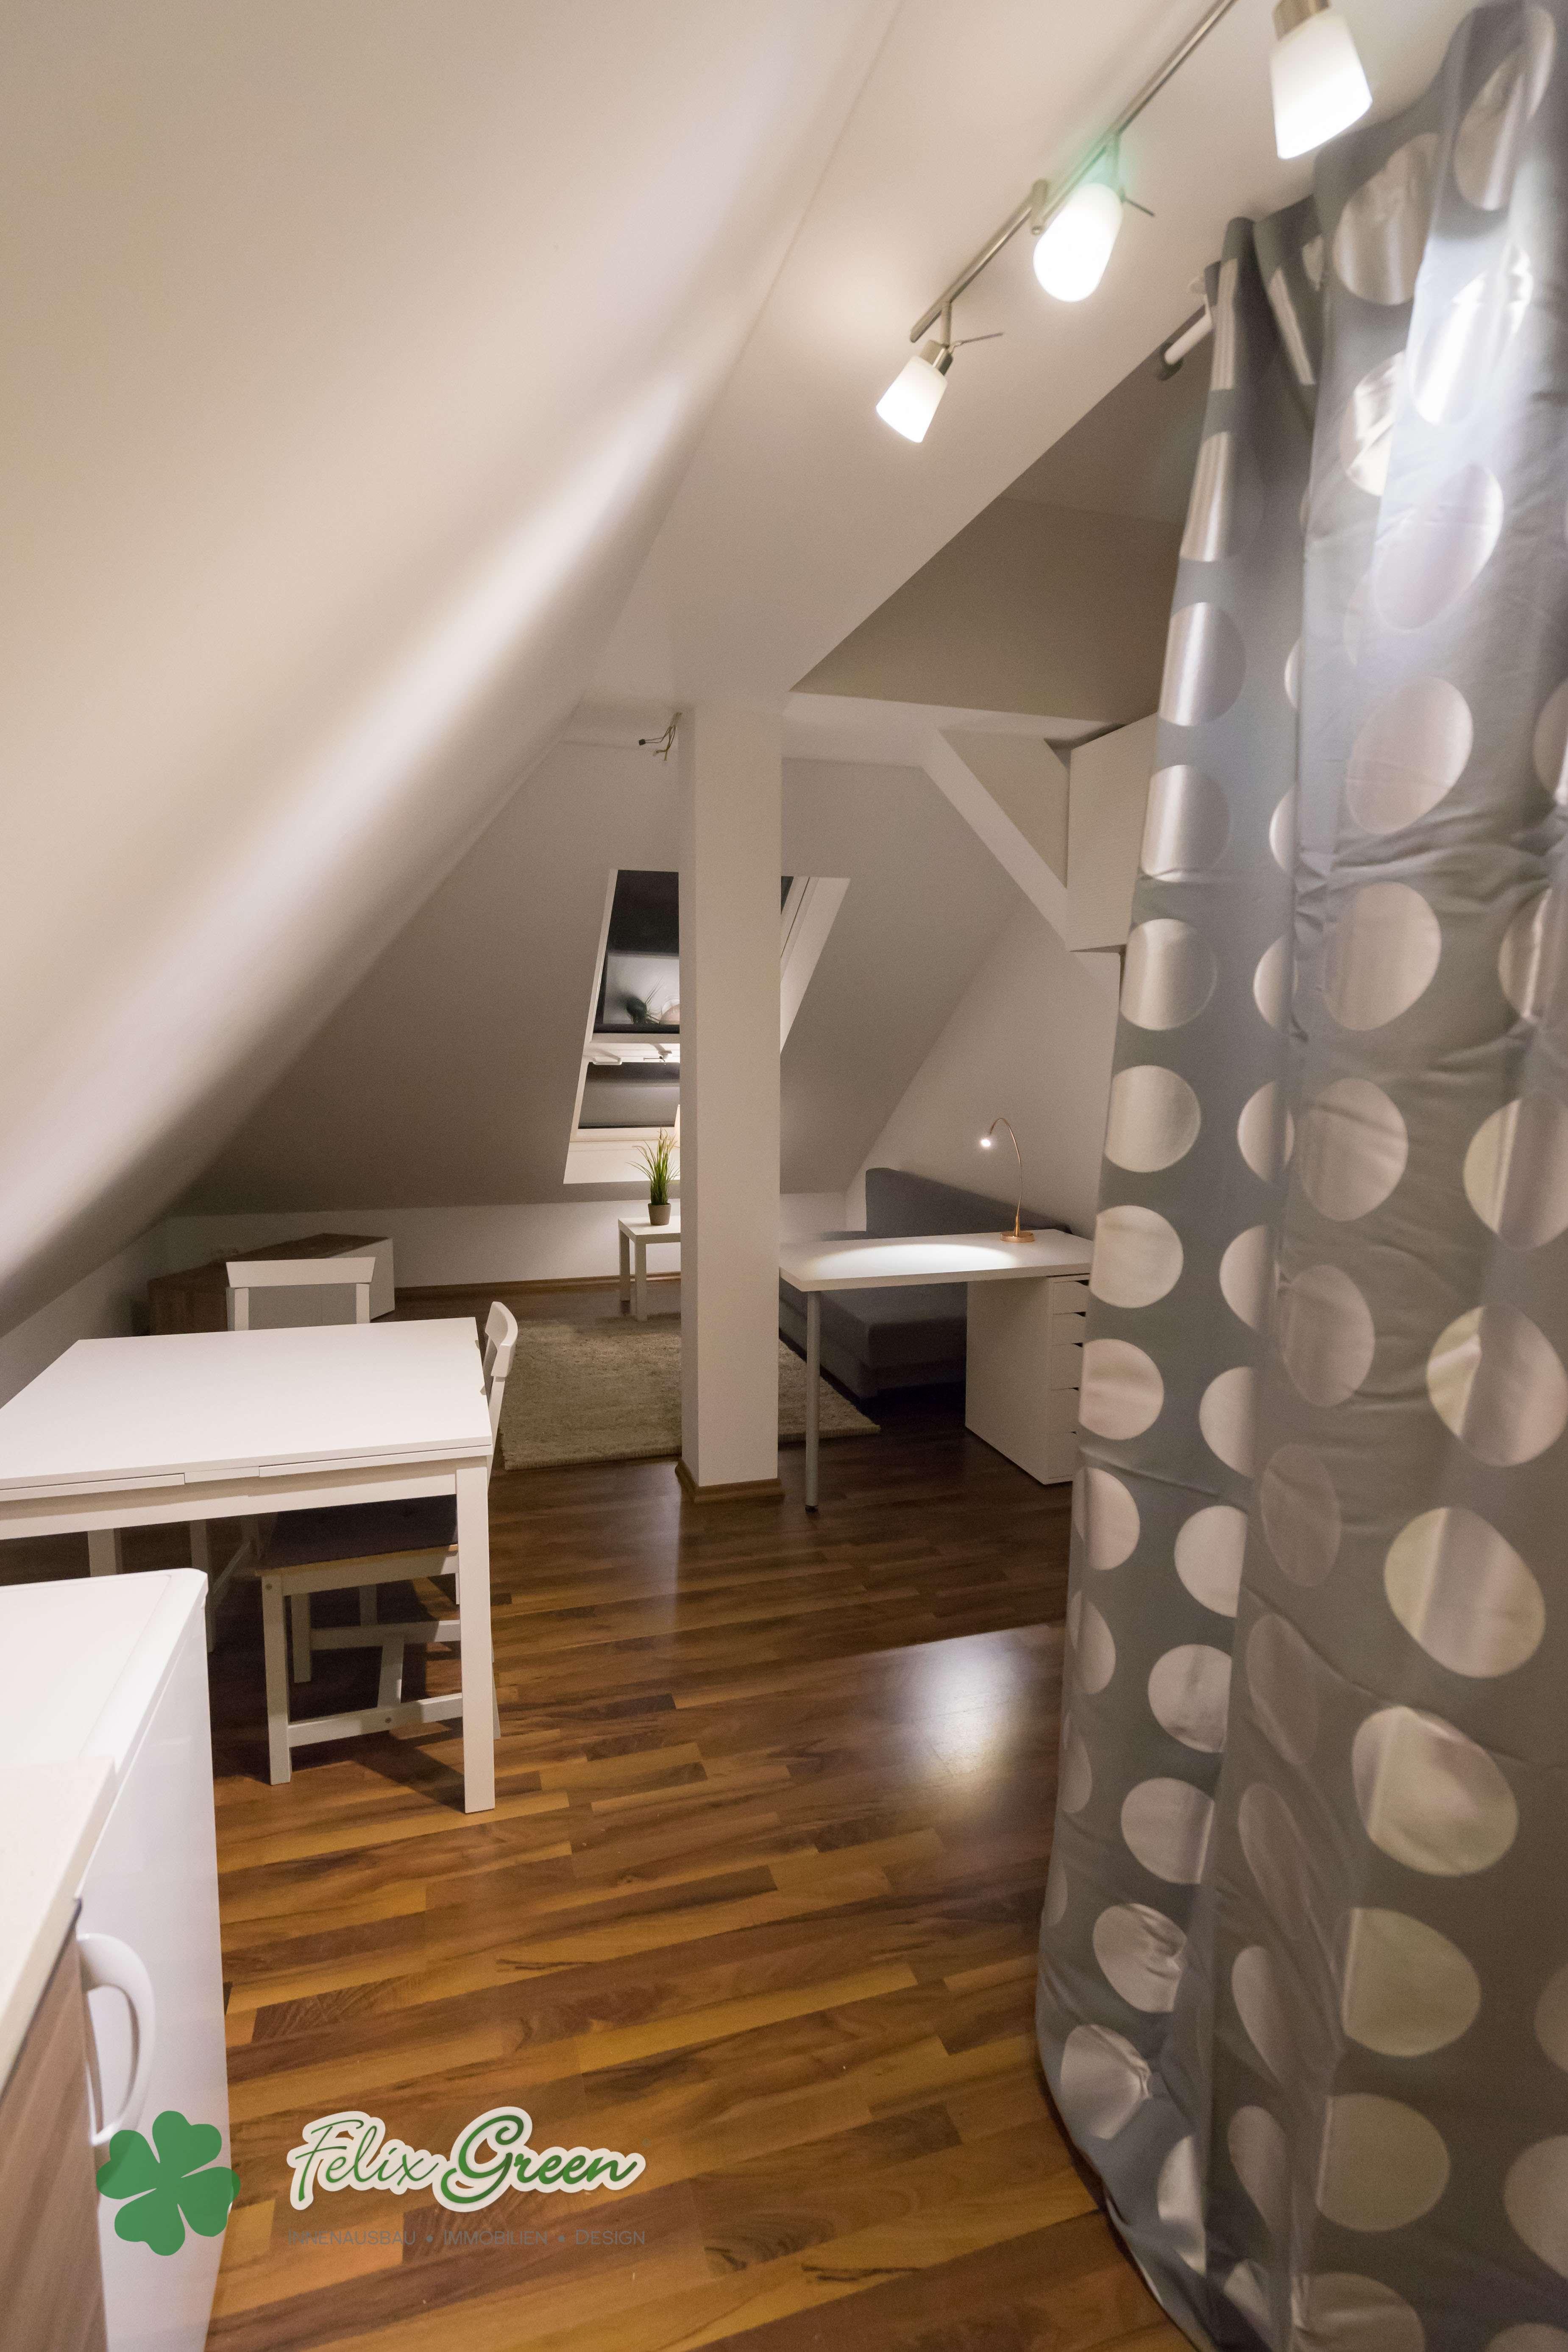 Möblierte Dachwohnung in zentraler Lage mit gehobener Ausstattung in Ramersdorf (München)